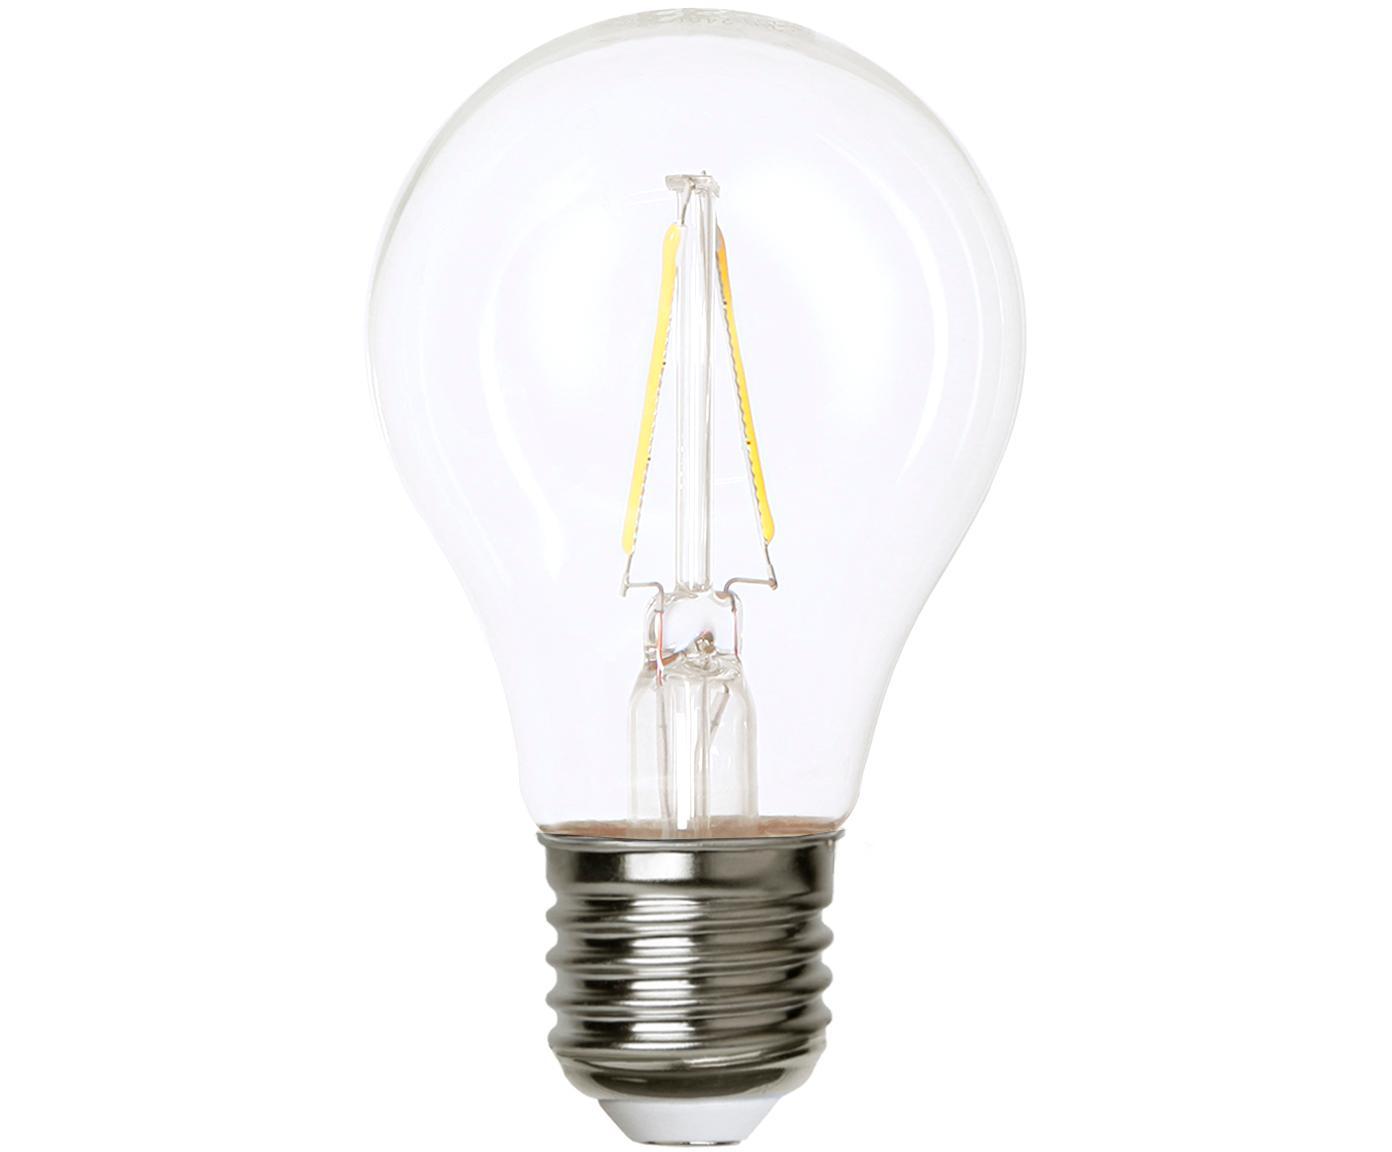 Bombillas LED Airtight Two (E27/2W), 5uds., Ampolla: vidrio, Casquillo: cobre niquelado, Transparente, níquel, Ø 6 x Al 11 cm